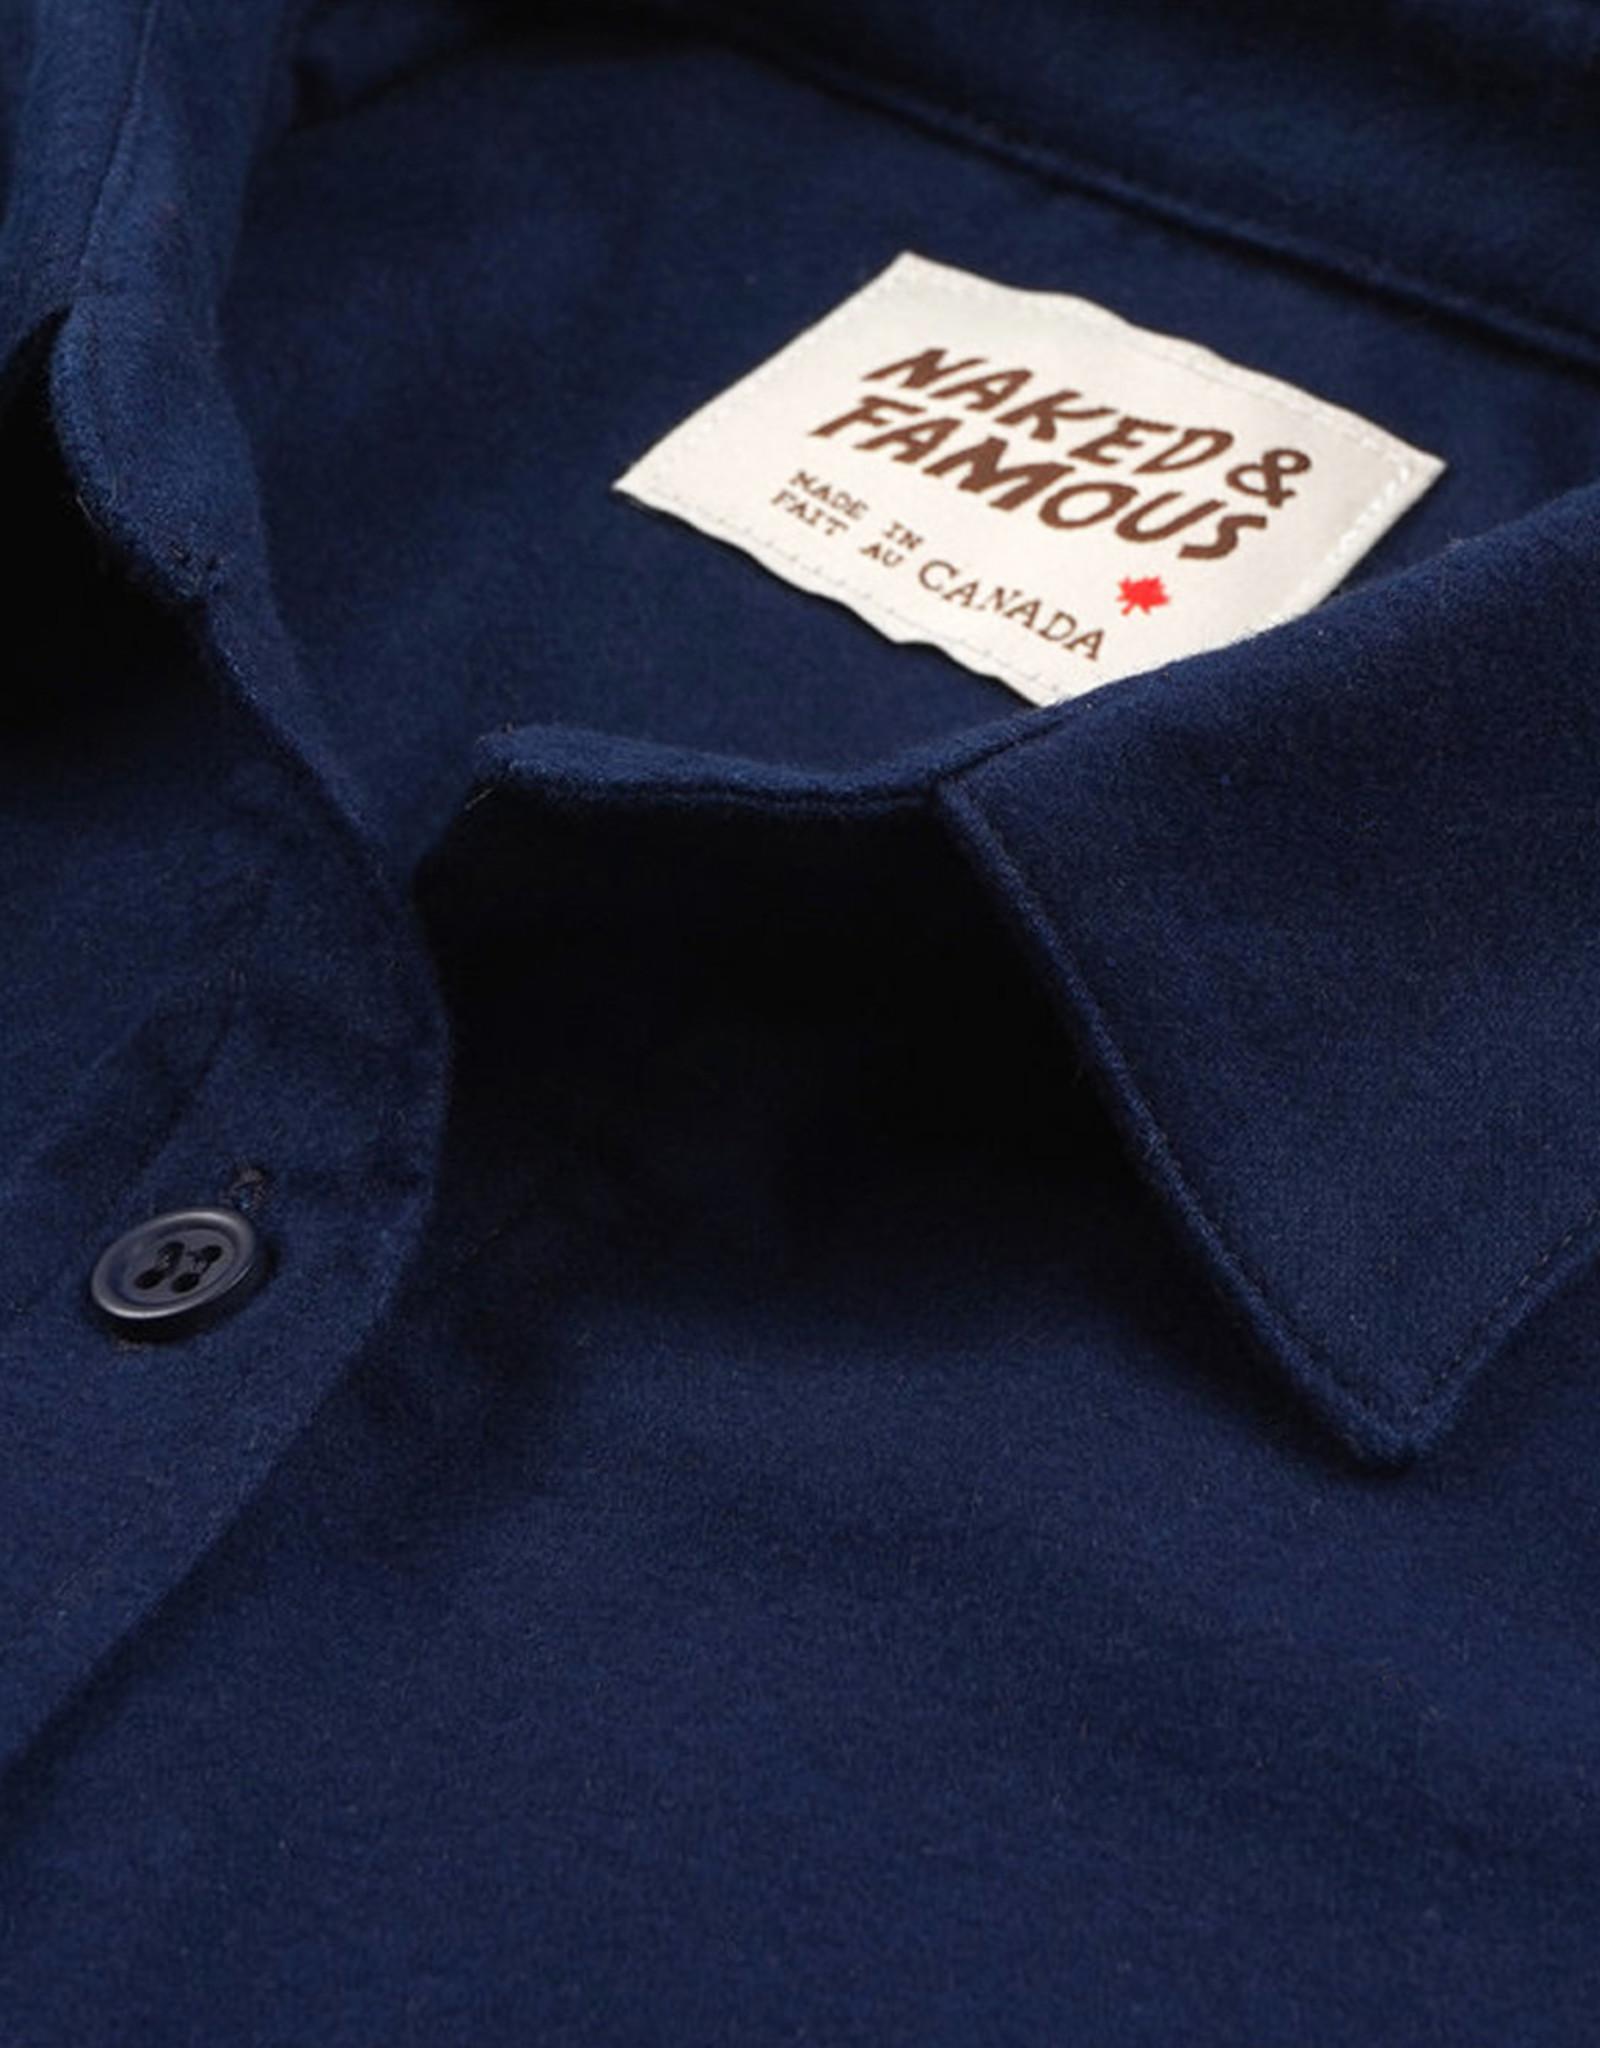 Naked & Famous - Country Shirt - Natural Indigo Dye